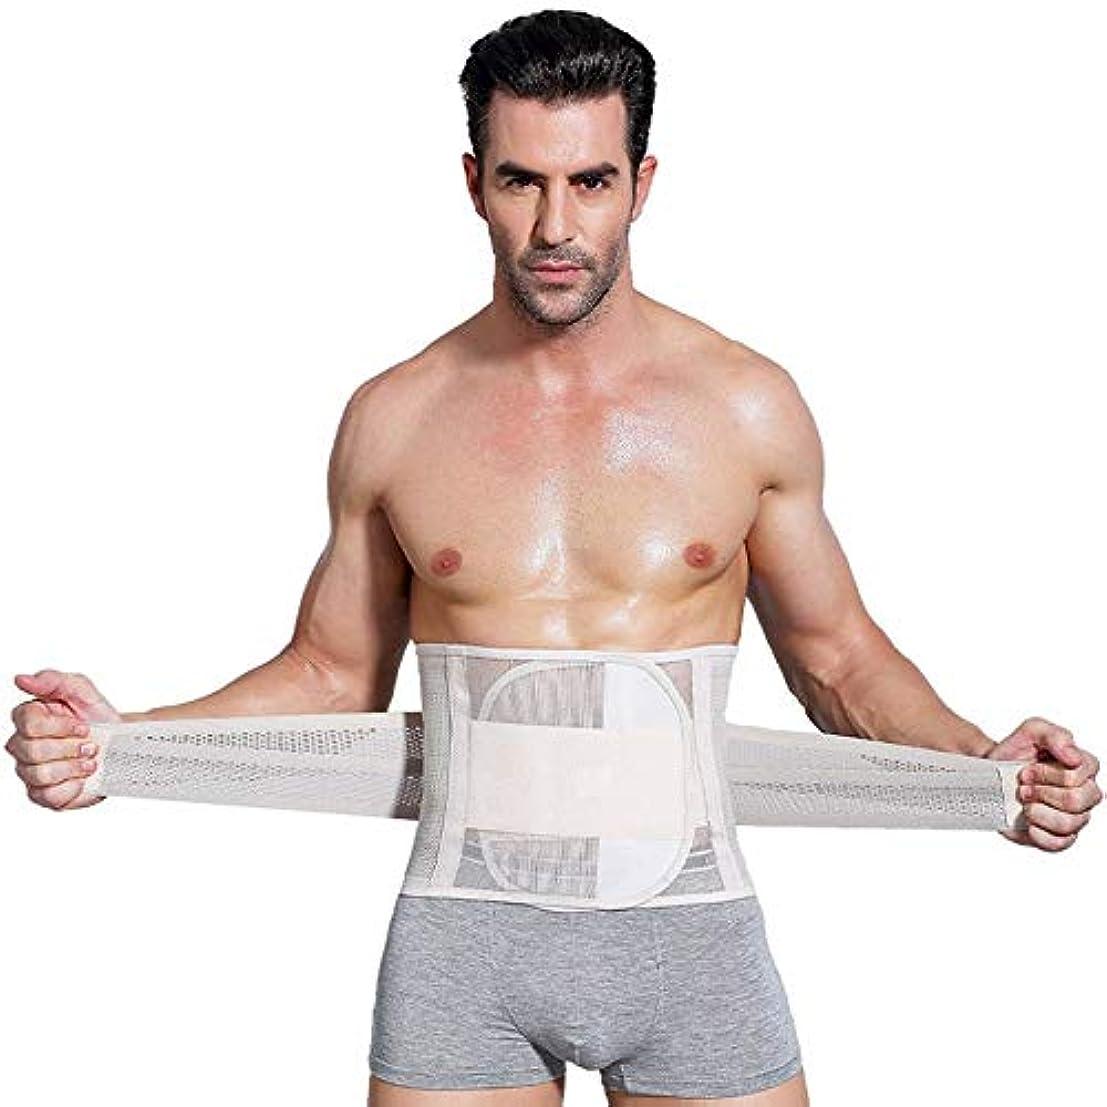 契約する合体賠償男性ボディシェイパーコルセット腹部おなかコントロールウエストトレーナーニッパー脂肪燃焼ガードル痩身腹ベルト用男性(Color:skin color)(Size:XL)